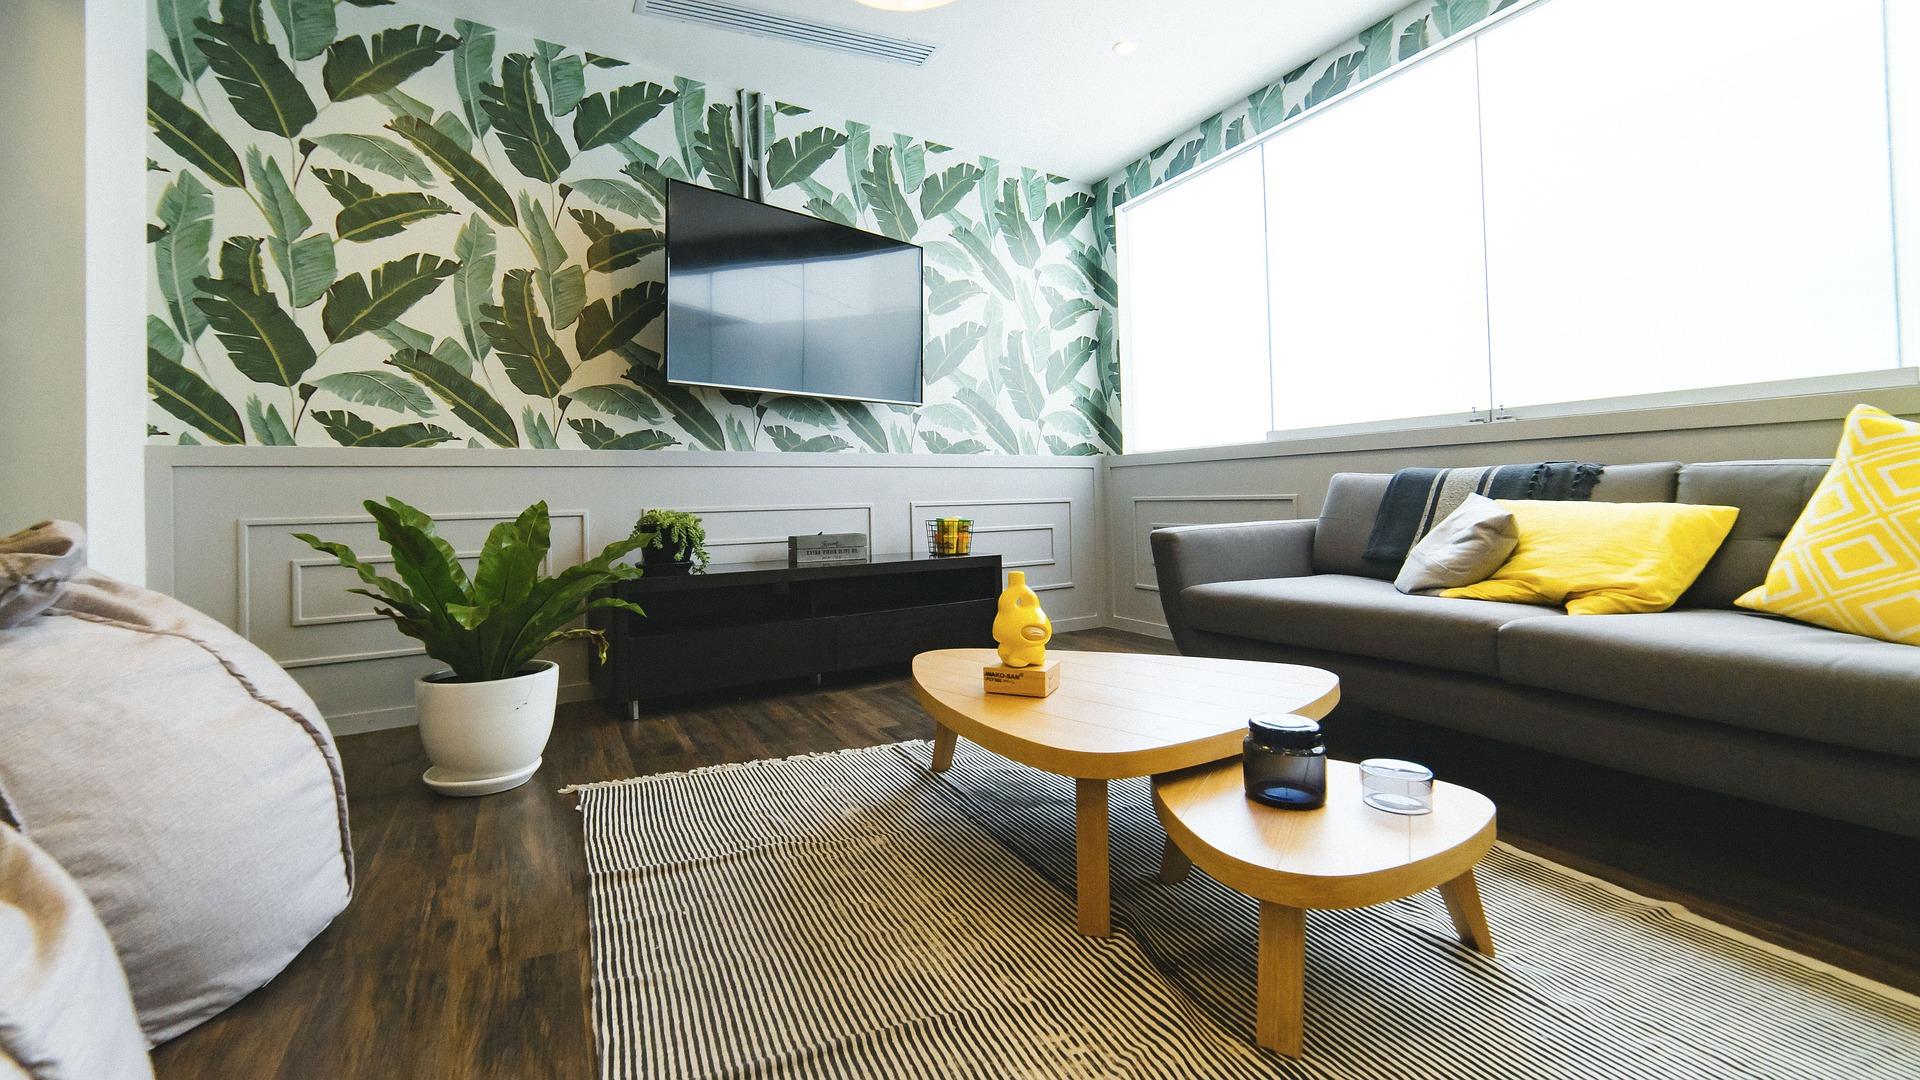 living-room-2583032_1920.jpg